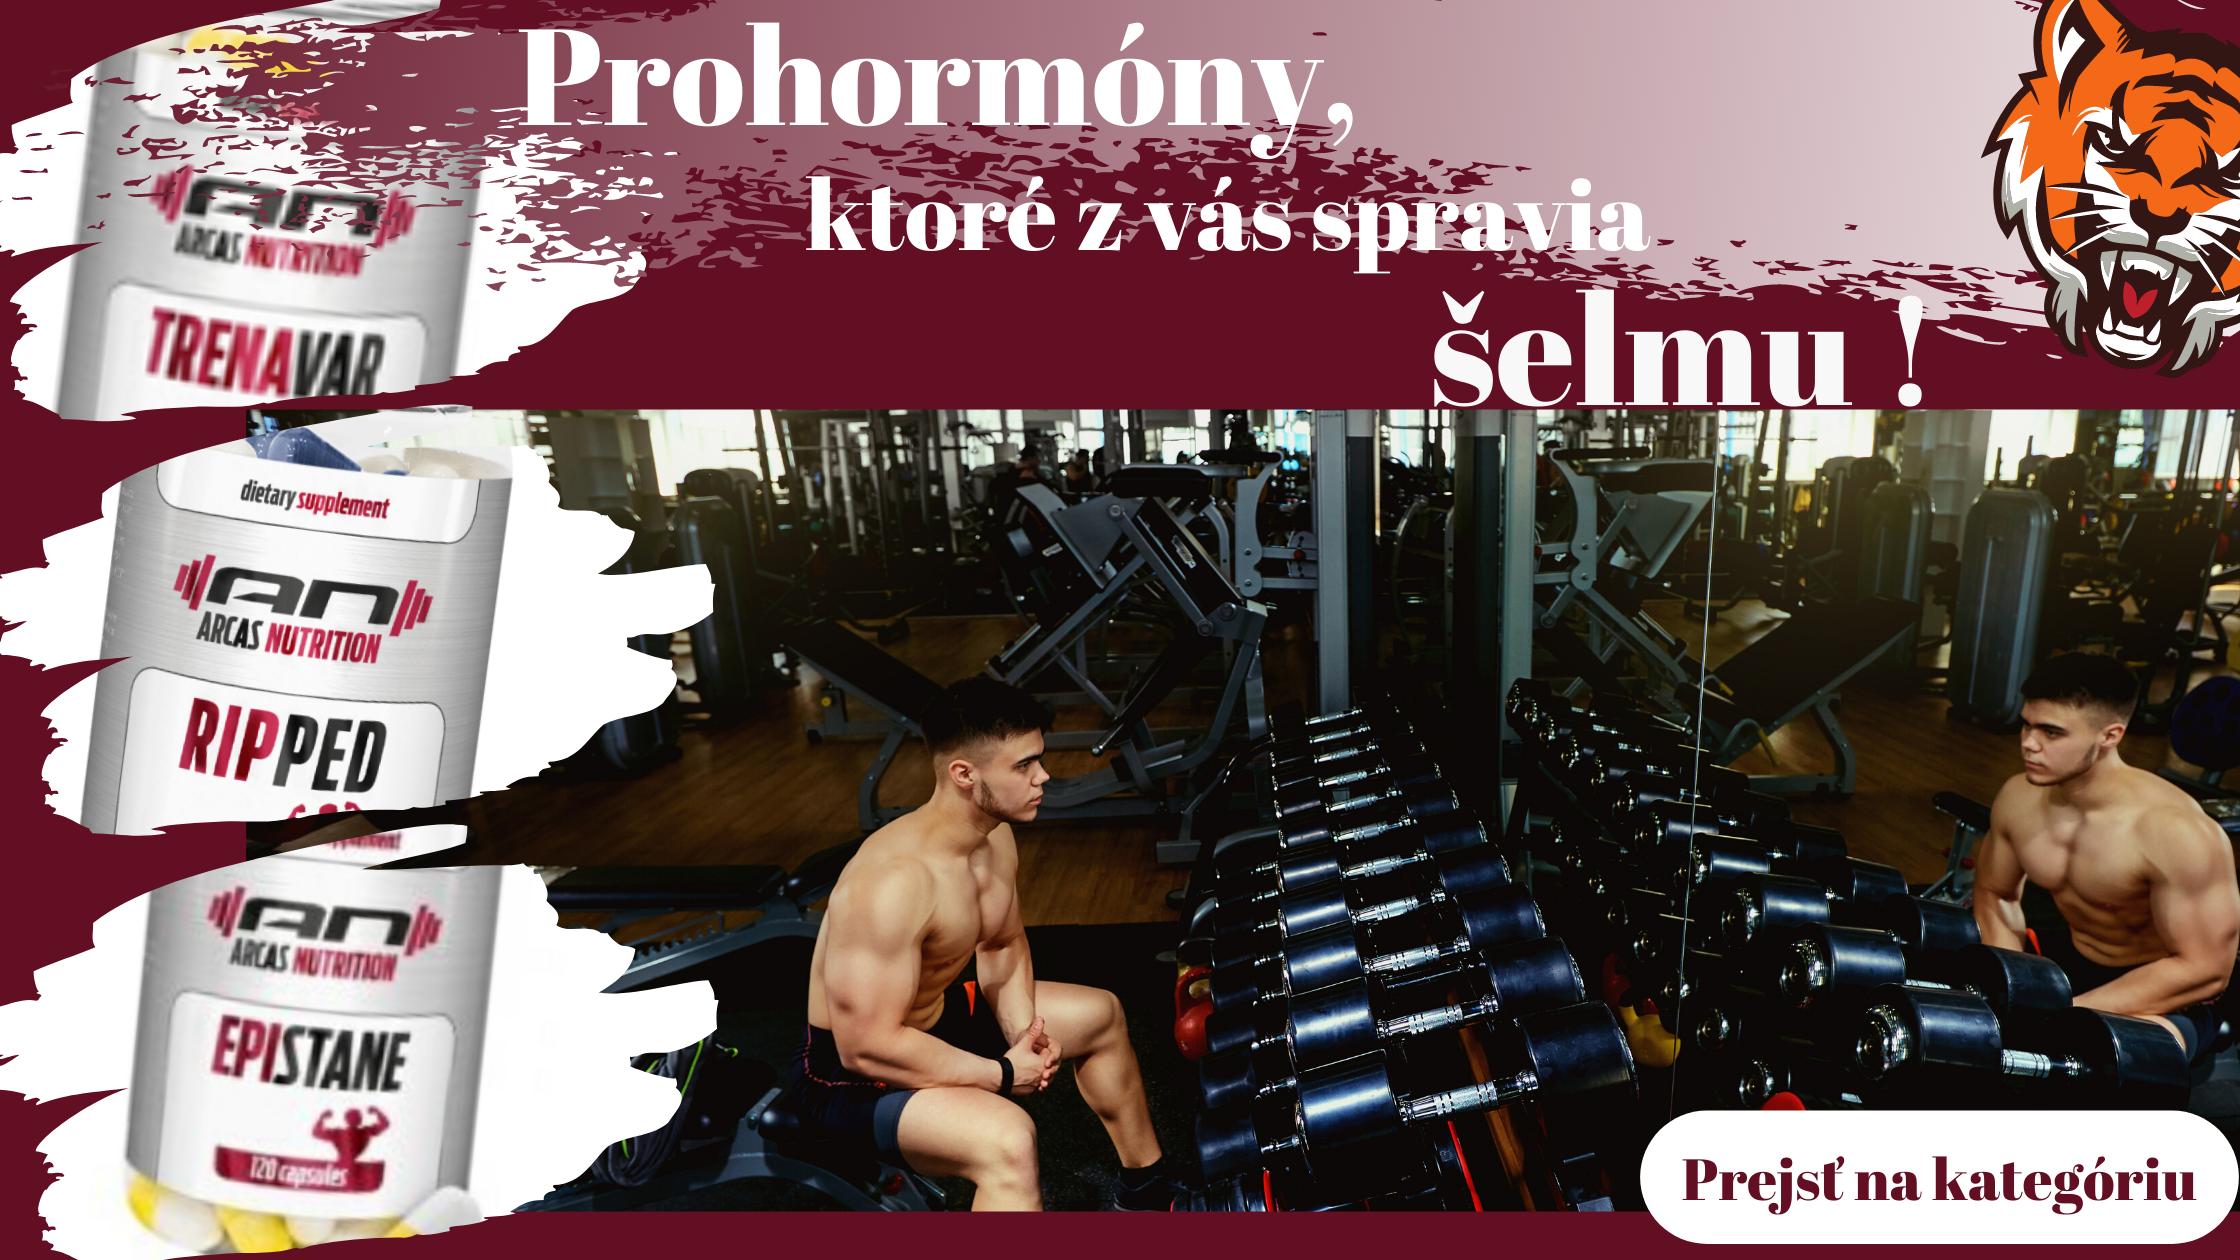 prohormony